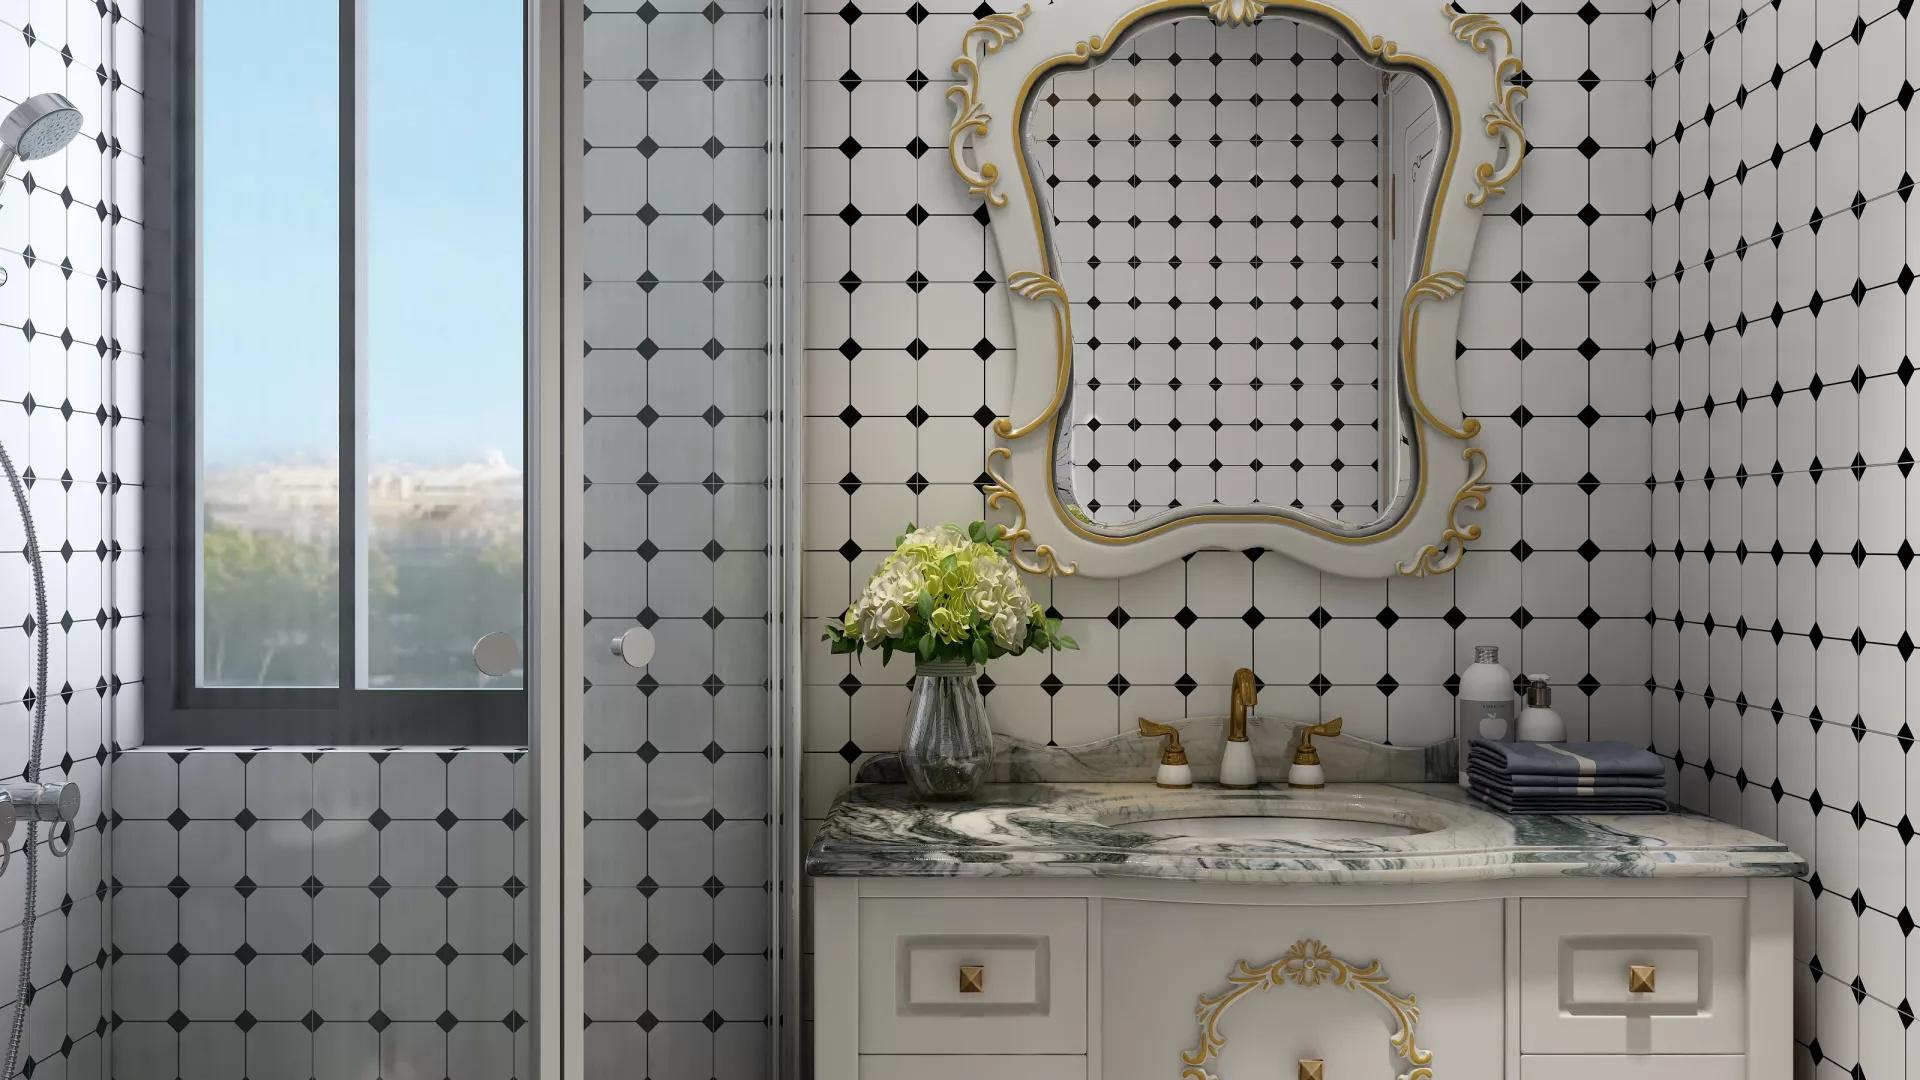 厨房地砖选什么颜色好?厨房地砖颜色怎么选?